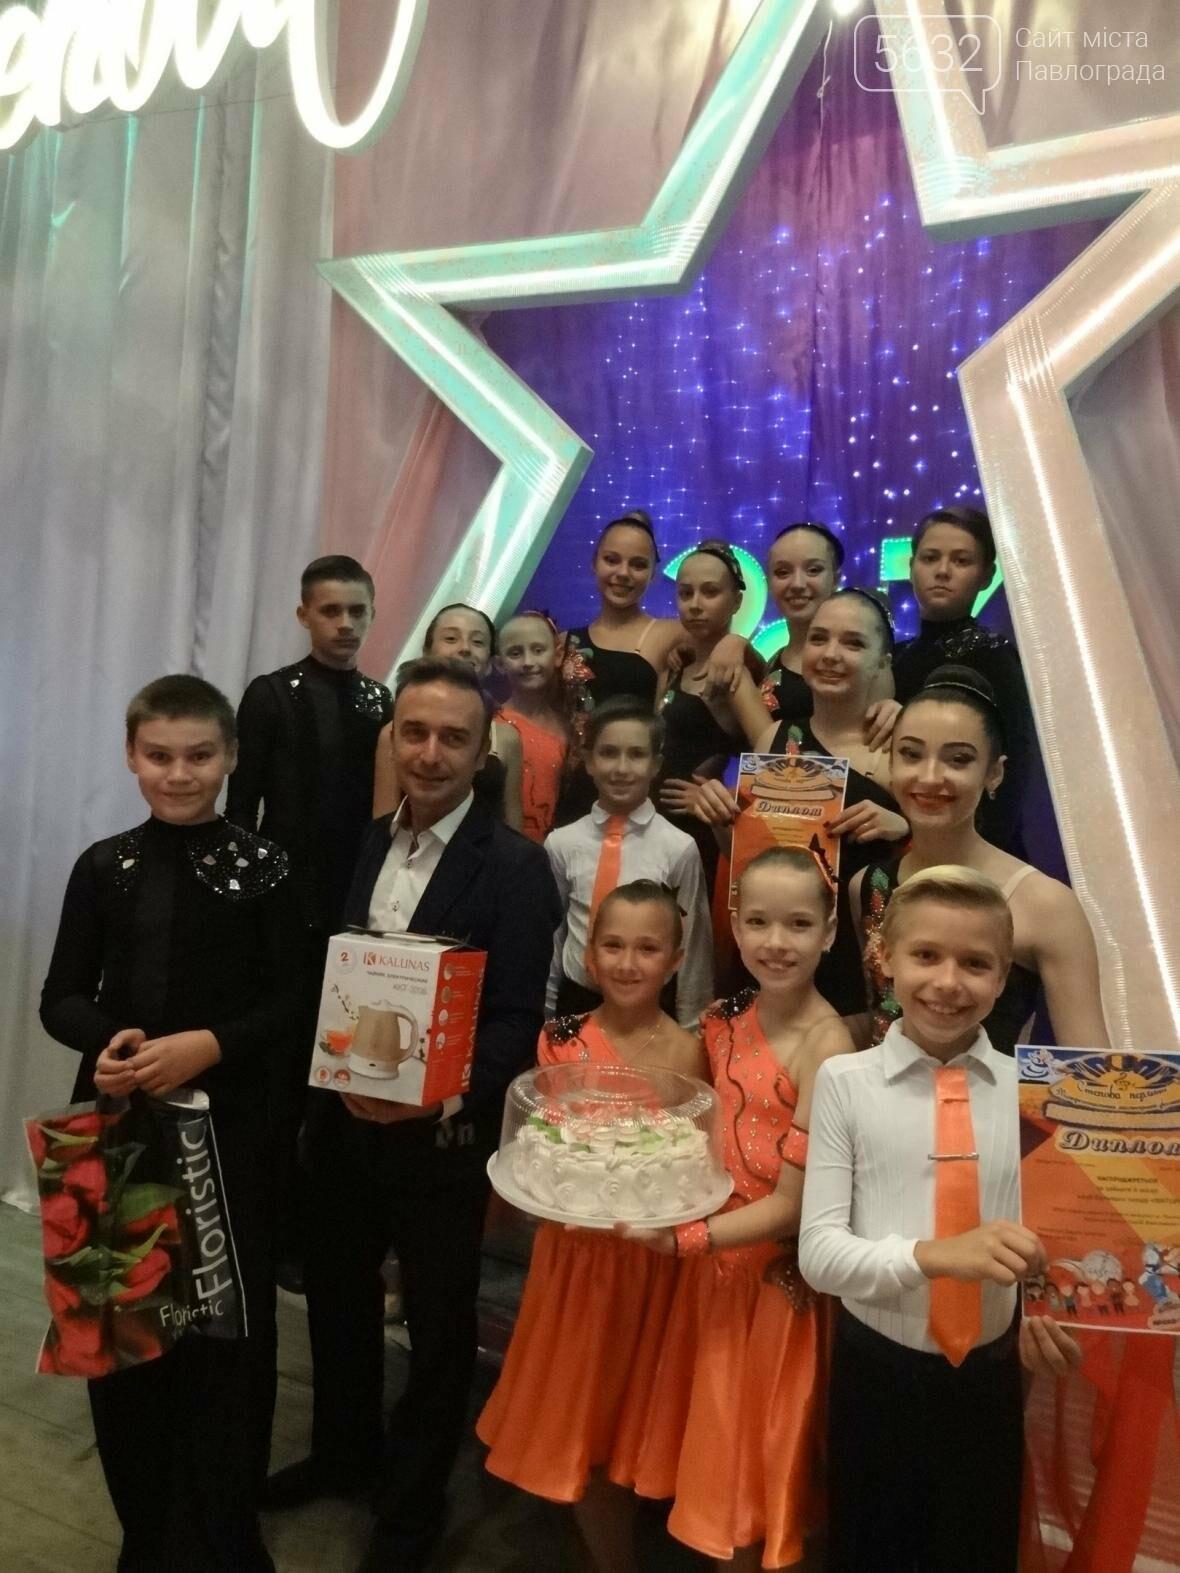 Павлоградські танцівники перемогли у міжрегіональному фестивалі, фото-1